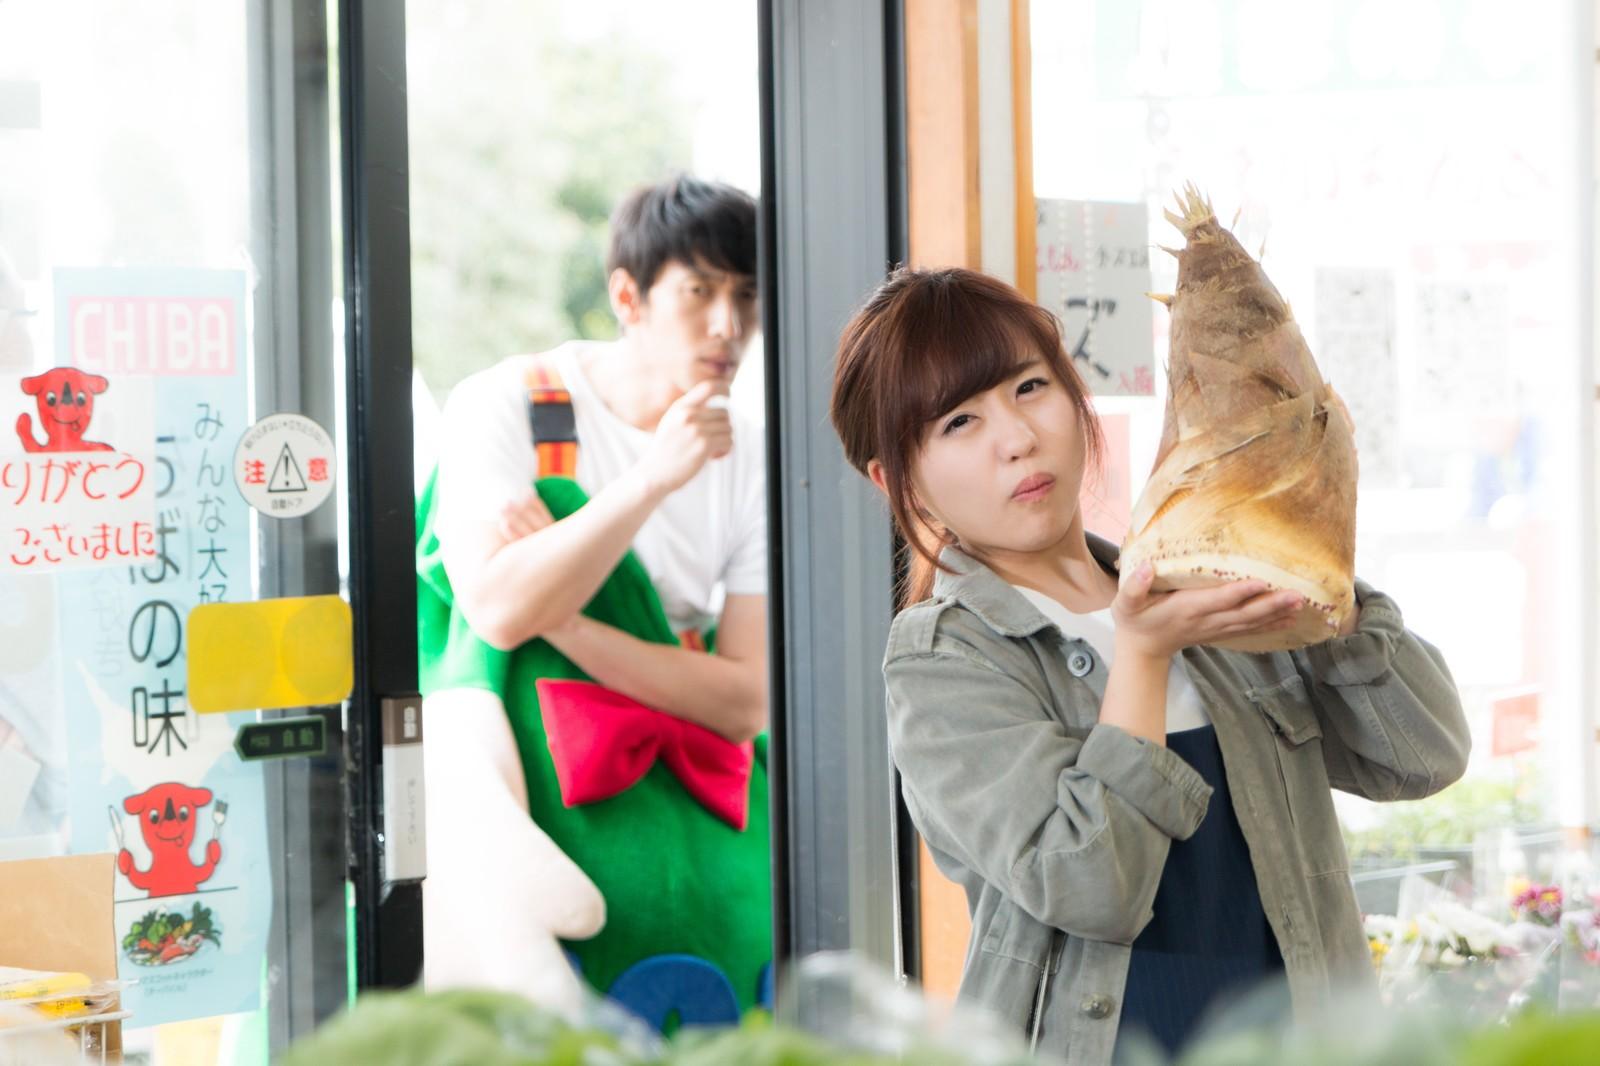 タケノコを売る女性